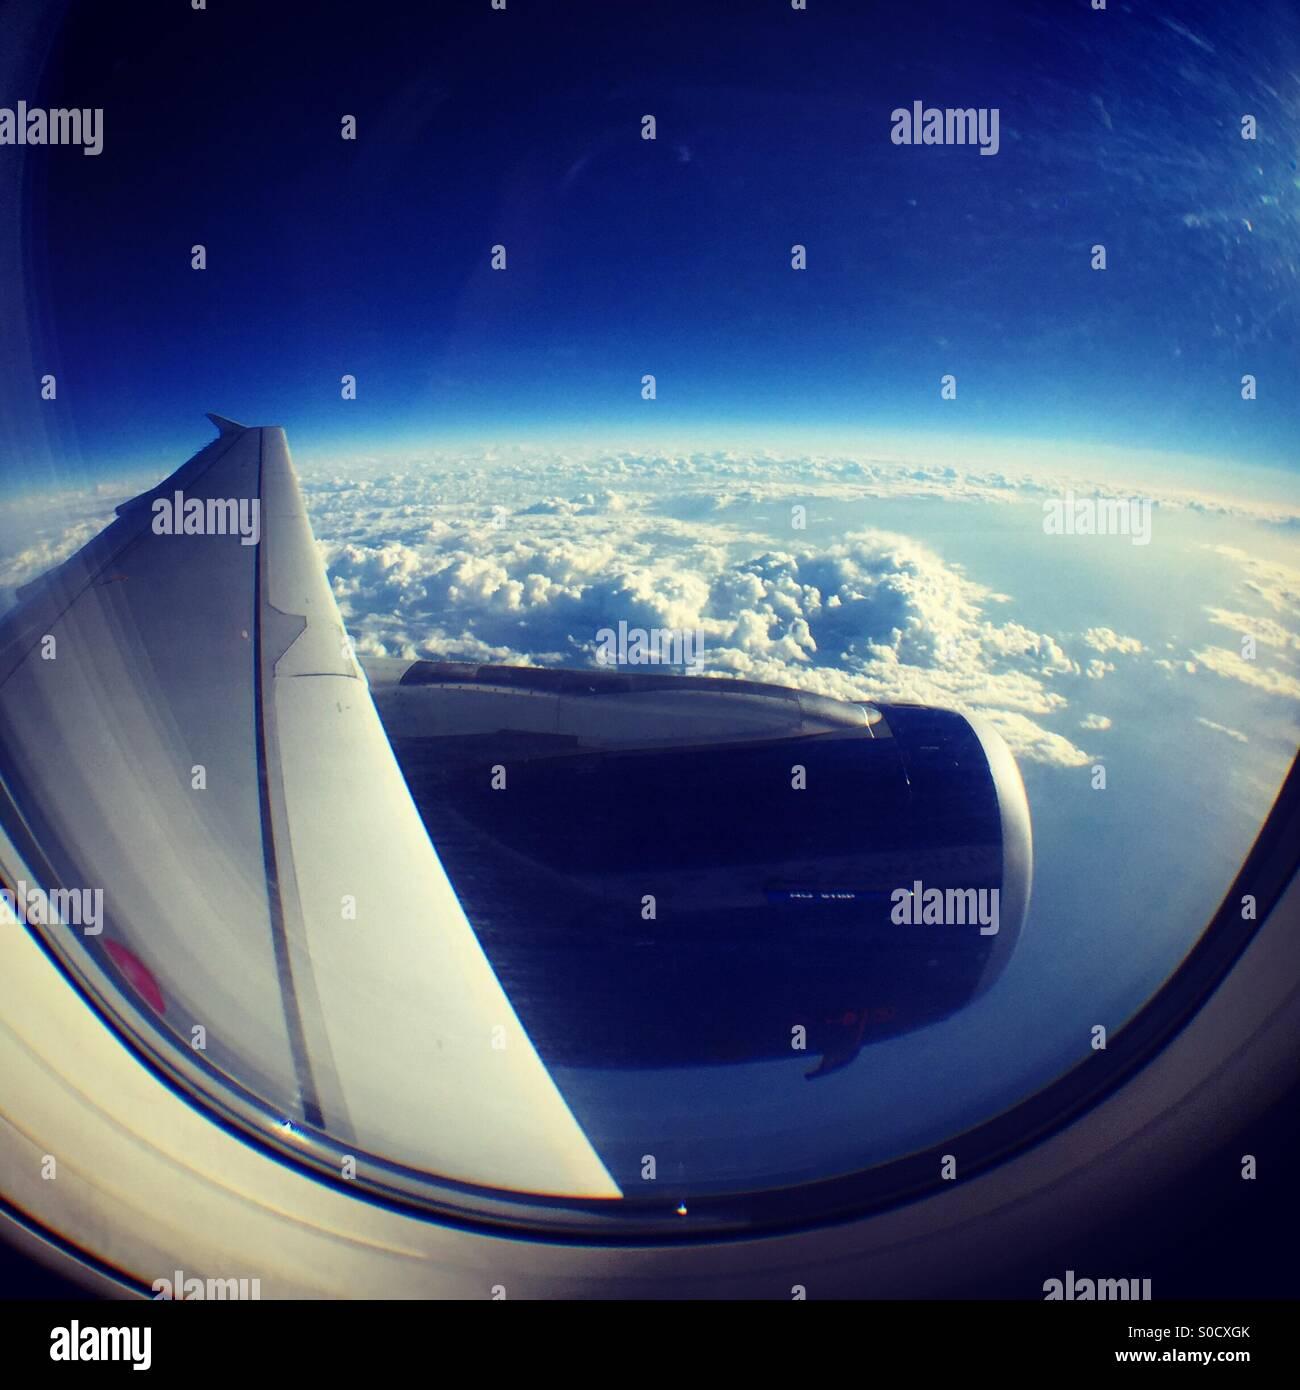 Blick auf den Flügel eines Flugzeugs an die Krümmung der Erde Stockbild